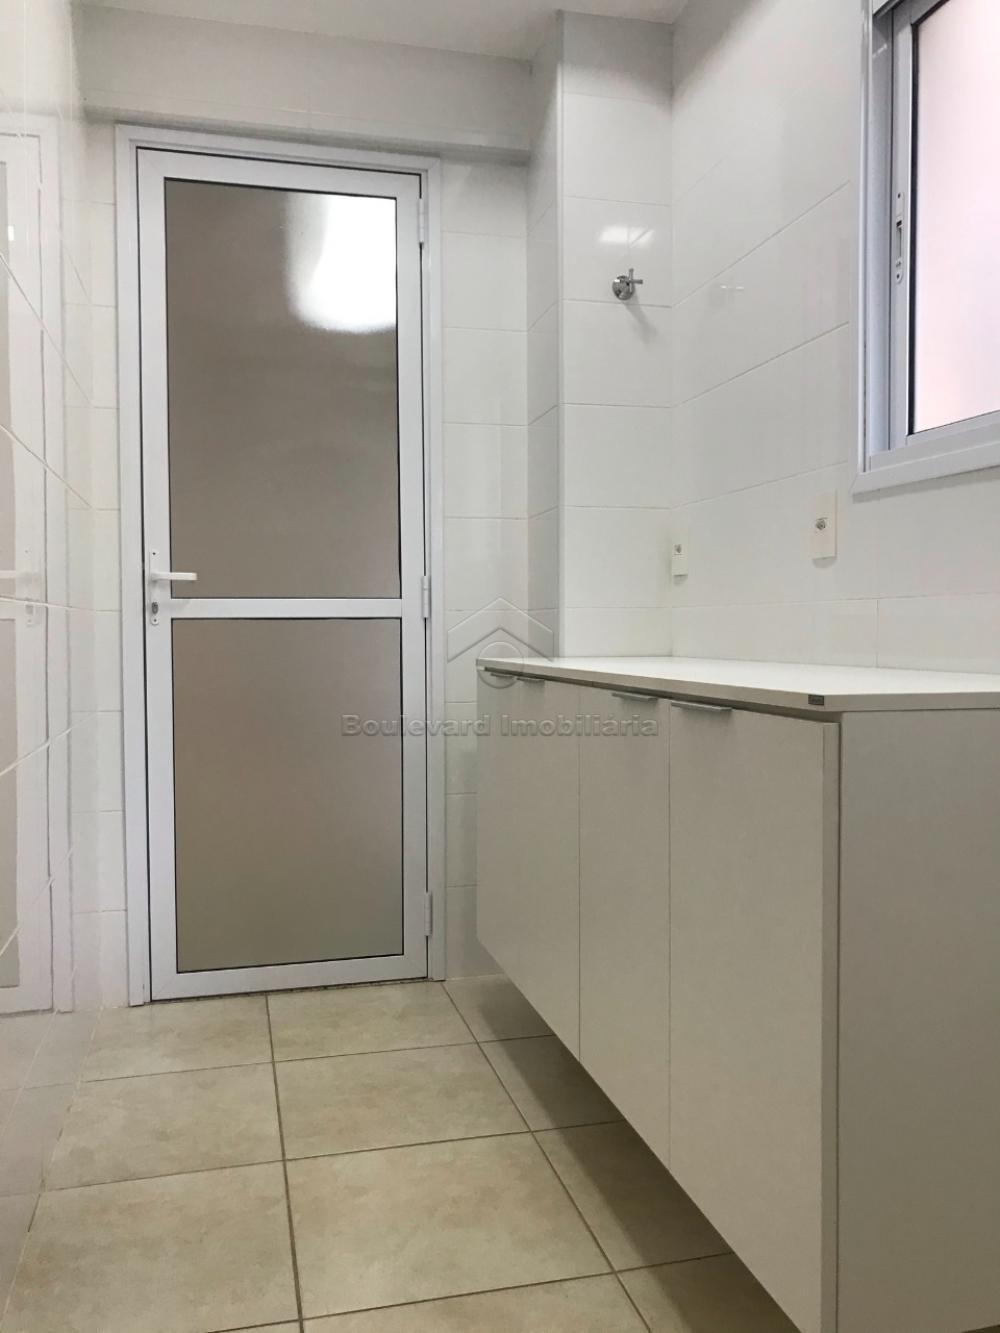 Alugar Apartamento / Padrão em Ribeirão Preto R$ 3.800,00 - Foto 21